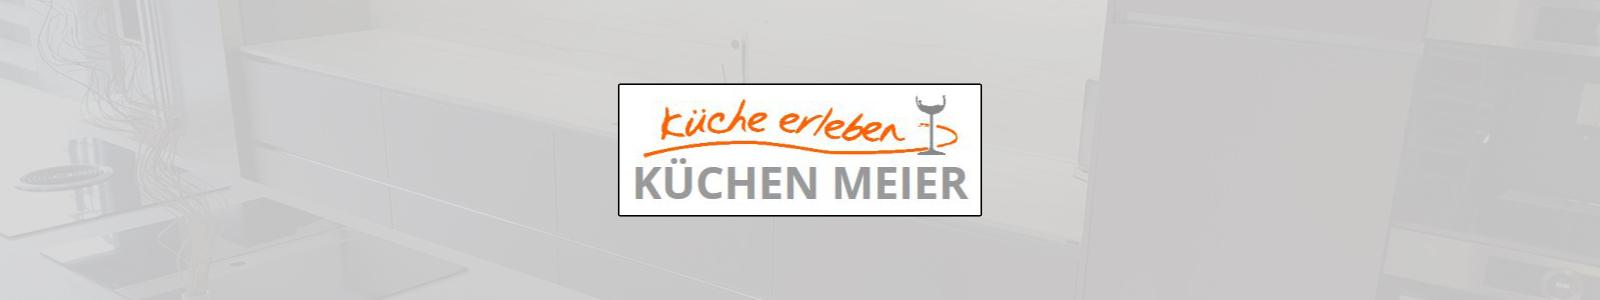 Küchen Meier Vachdorf kuechenguide.com